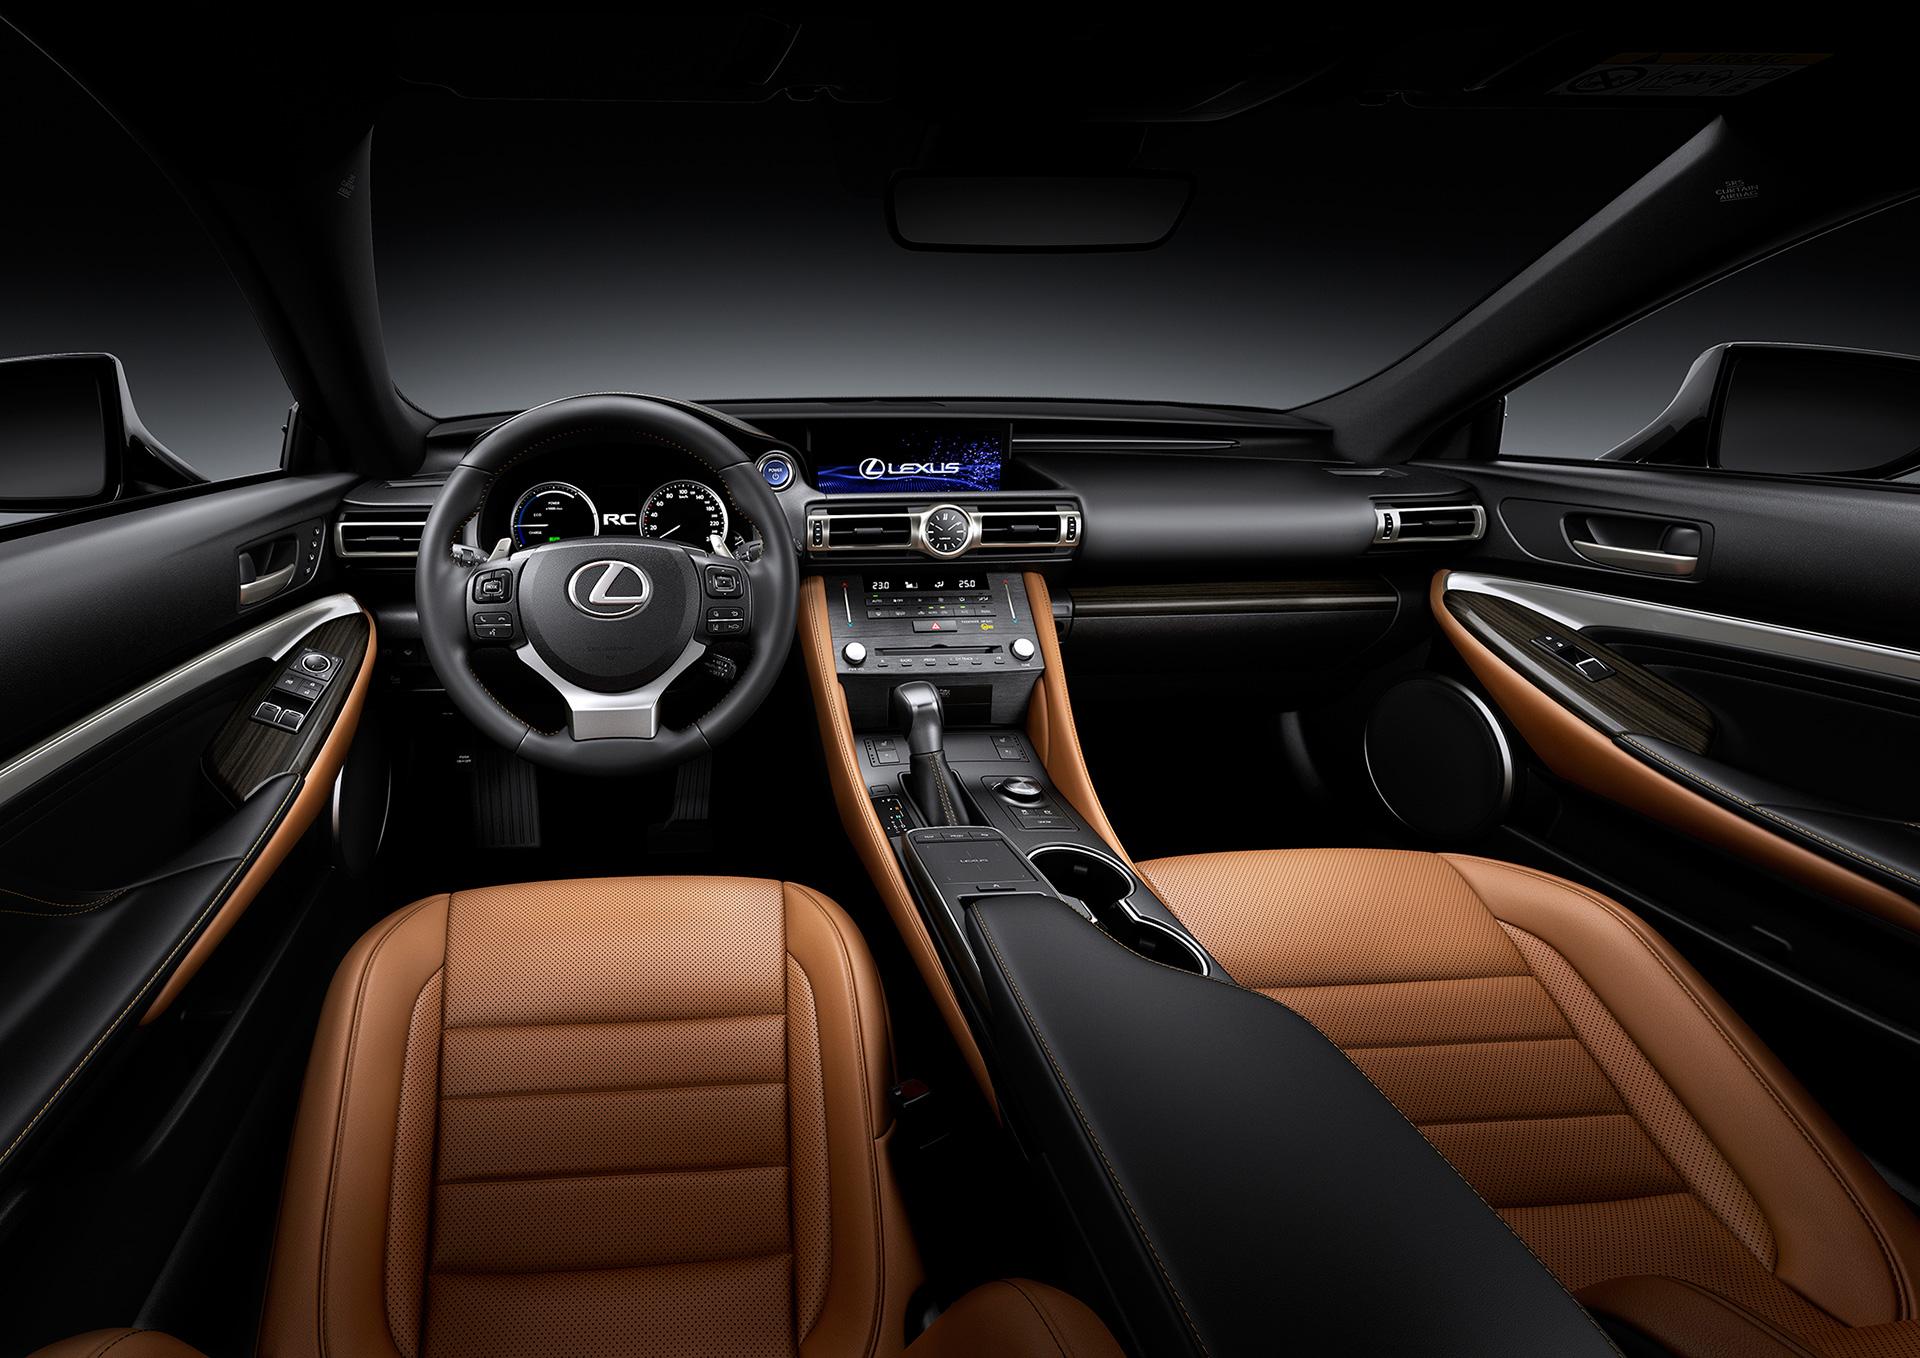 「【新車】レクサスRCがマイナーチェンジ。LC譲りのエレガントな外観と高い走行性能を獲得」の7枚目の画像